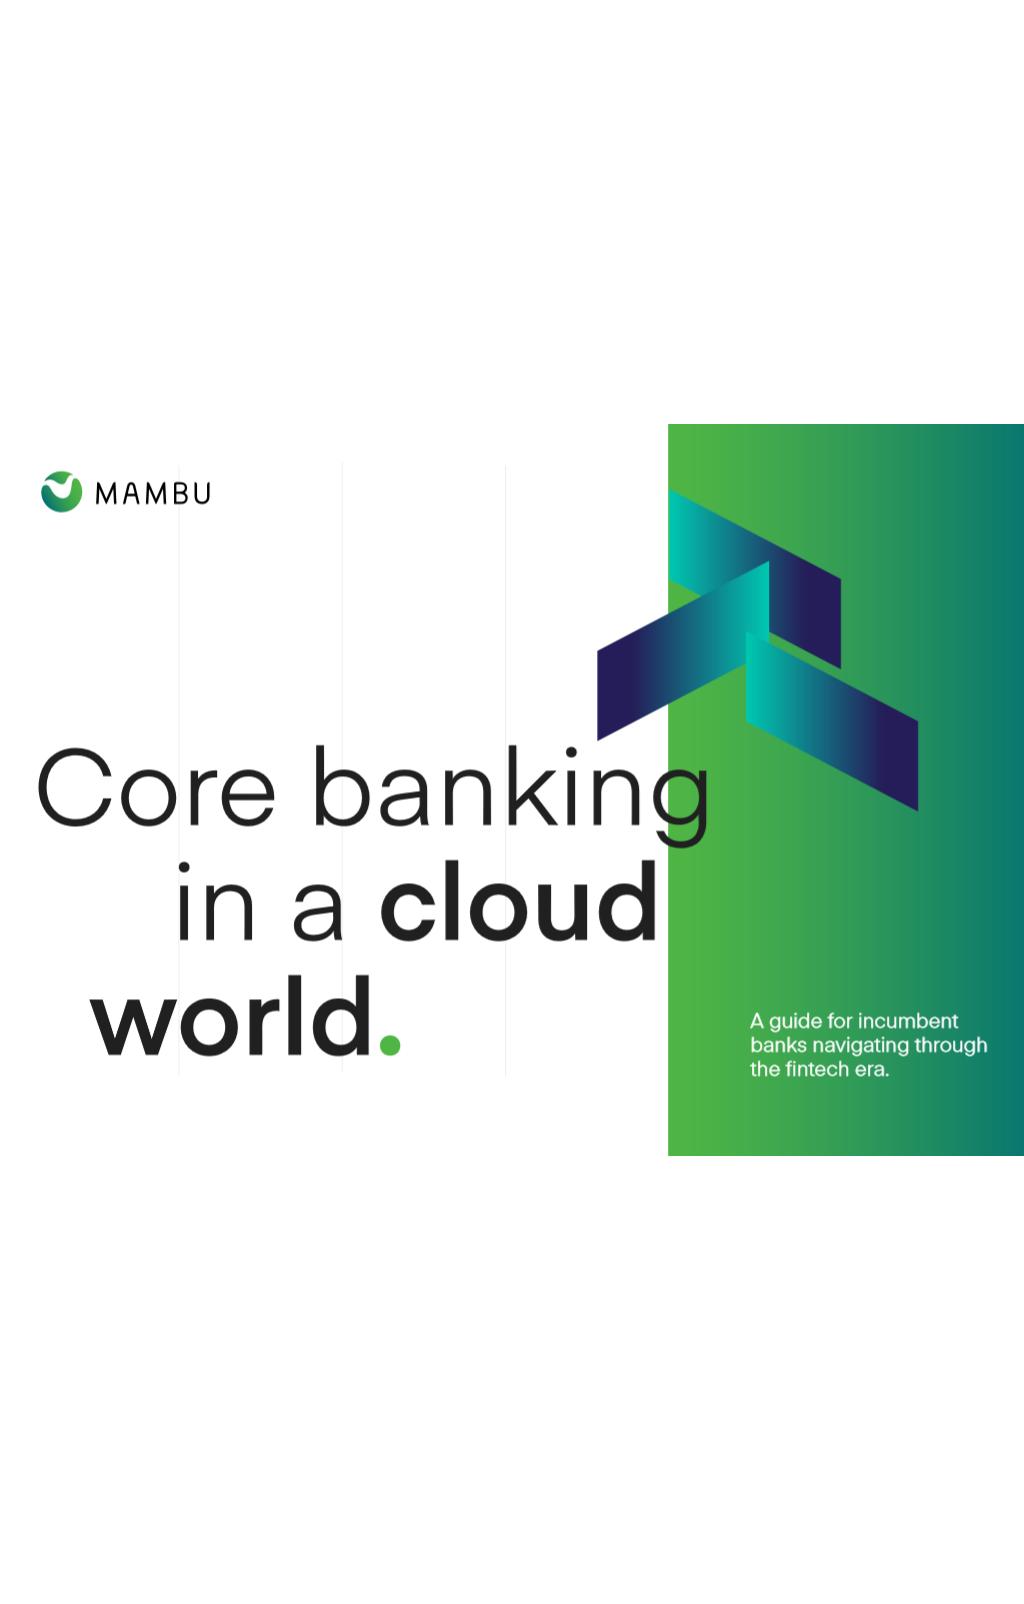 Le Core banking dans le monde cloud